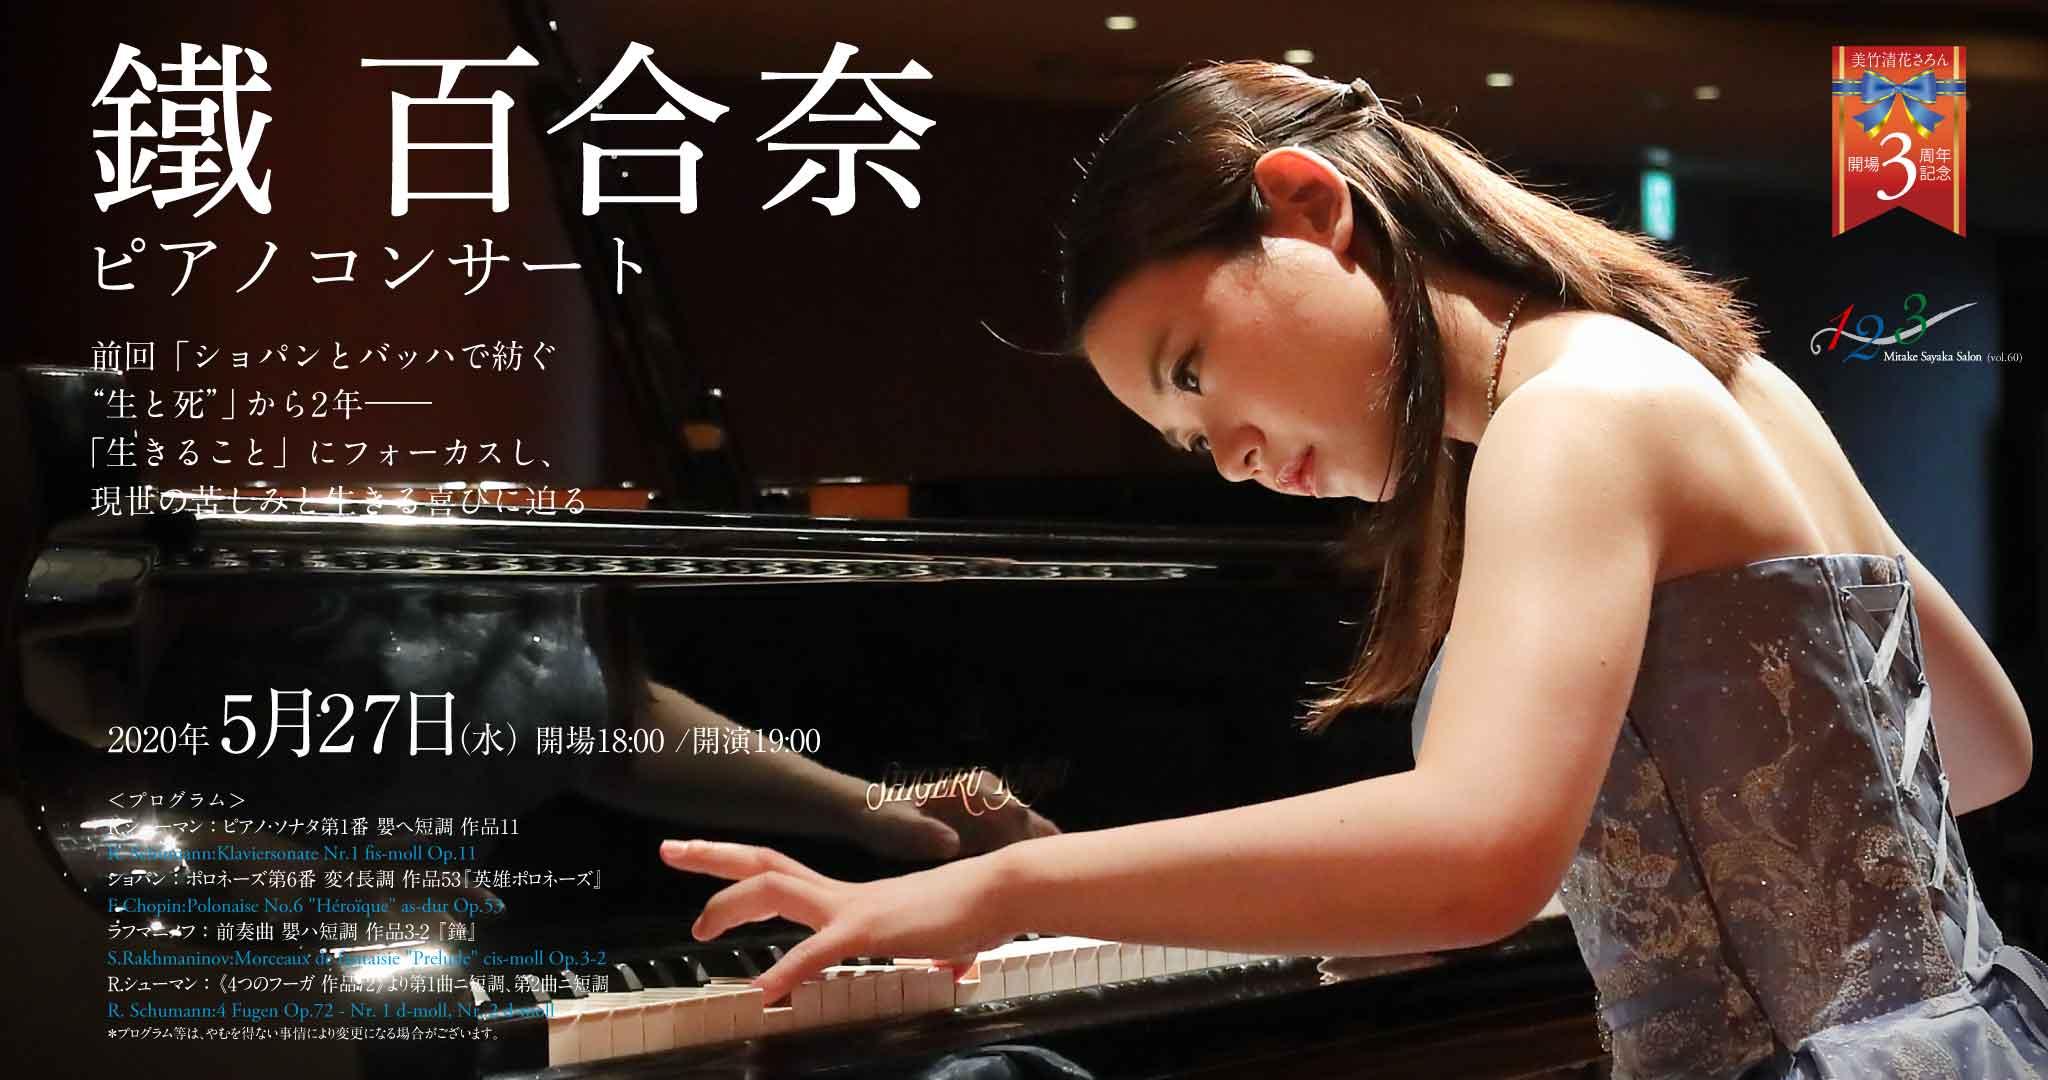 鐵百合奈ピアノコンサート《美竹清花さろん3周年記念》